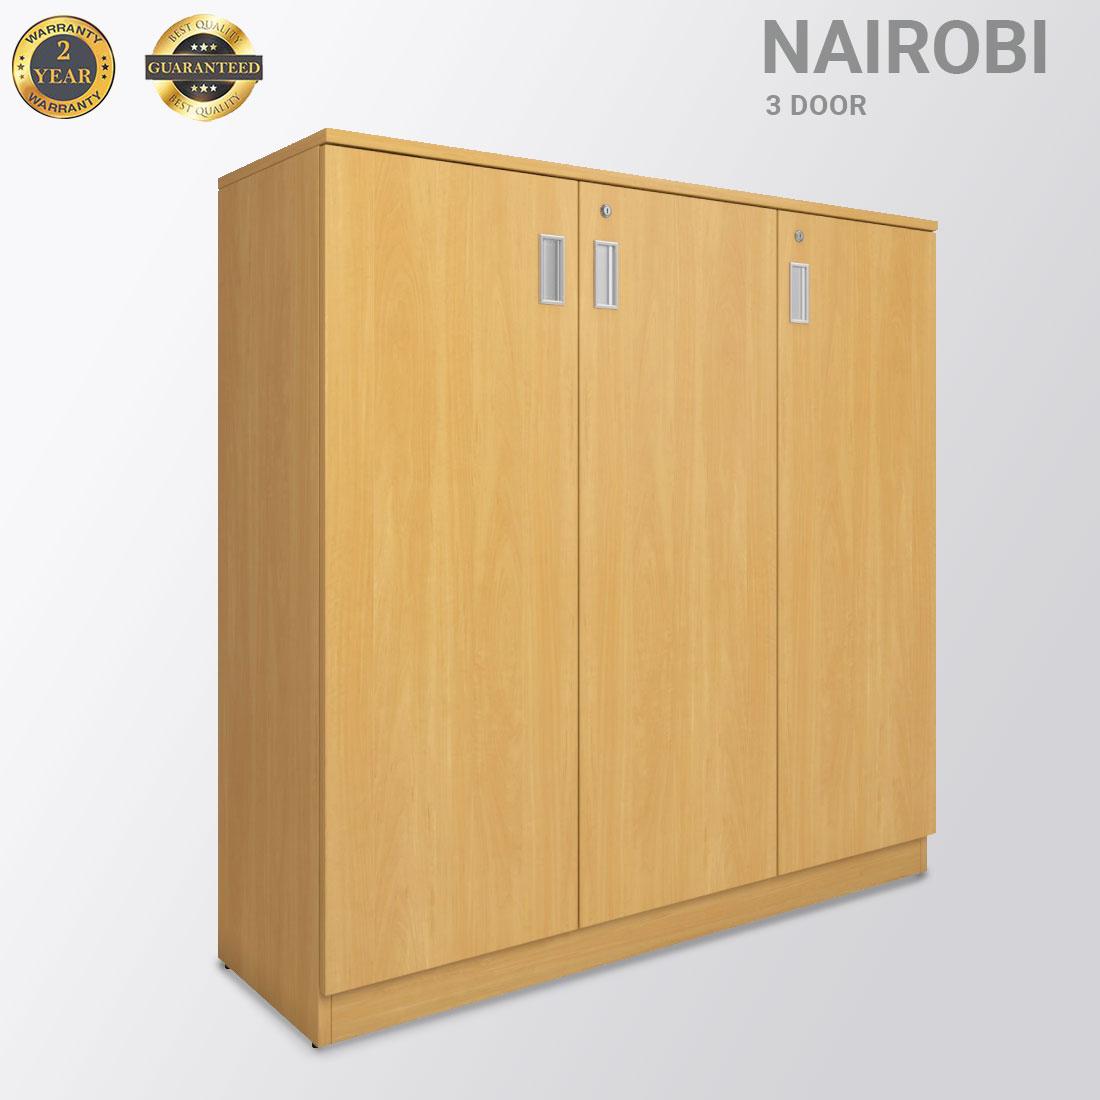 NAIROBI O  3 DOOR